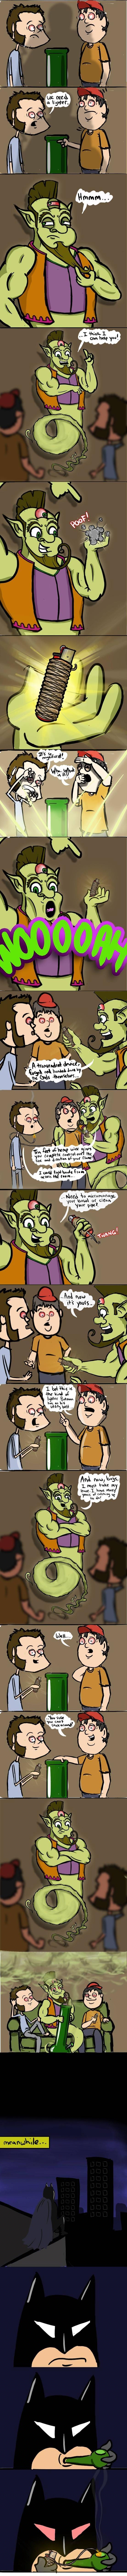 (untitled). .. I really enjoyed this comic.